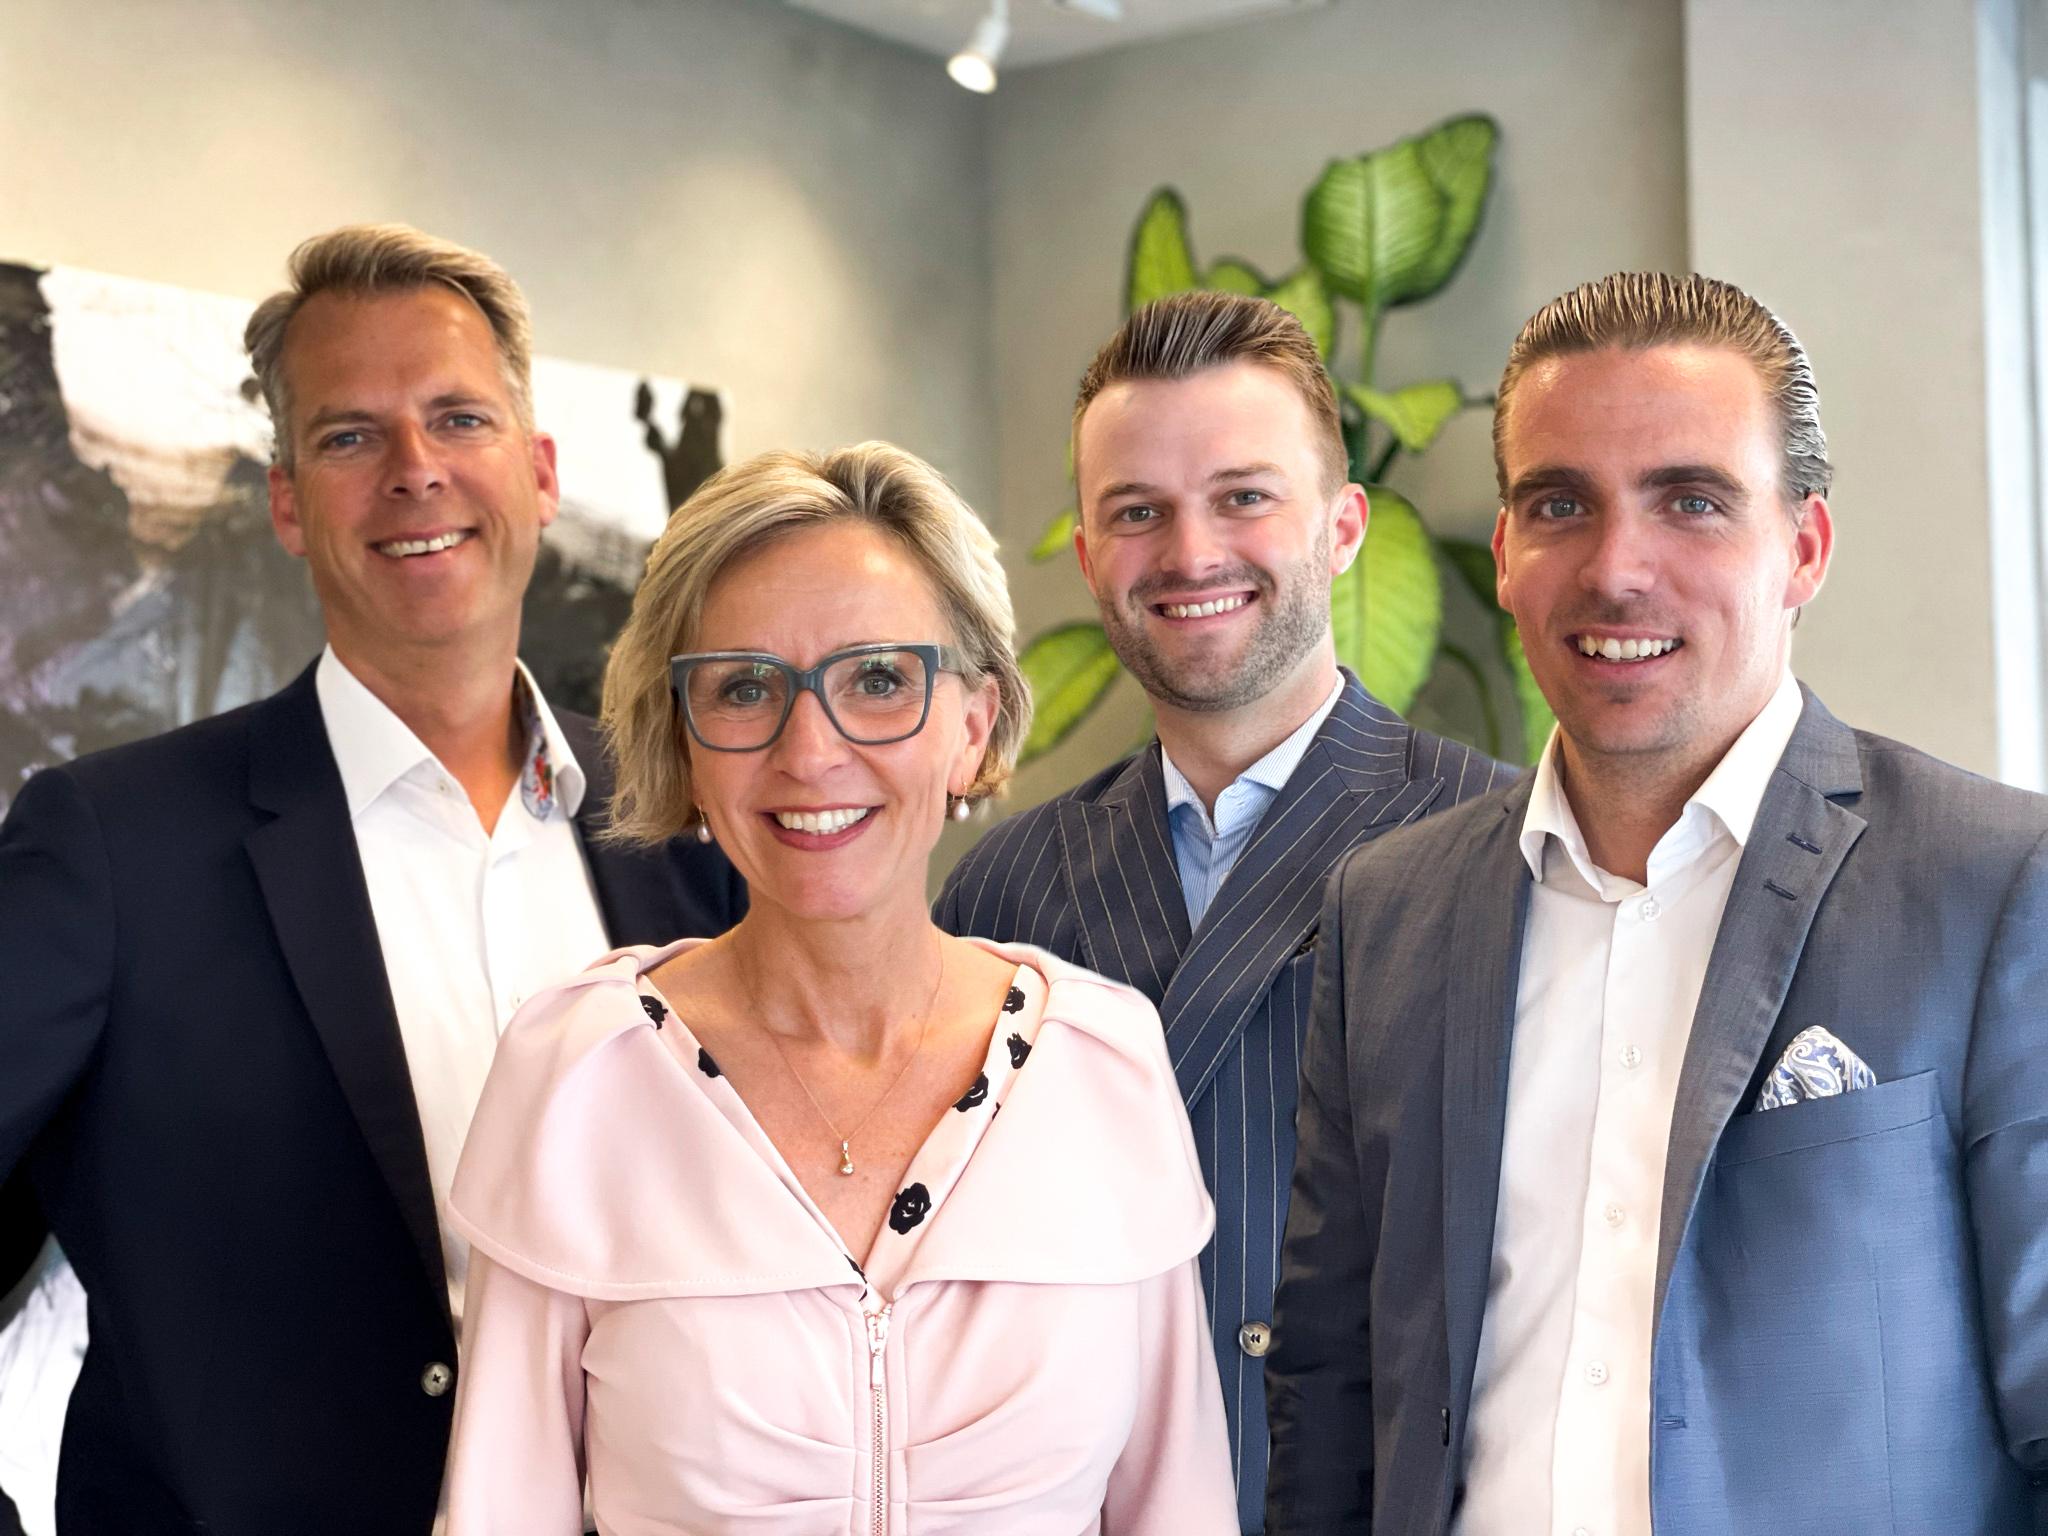 Efter vild vækst: Nybolig Palle Ørtoft udvider med ny medejer i flere afdelinger